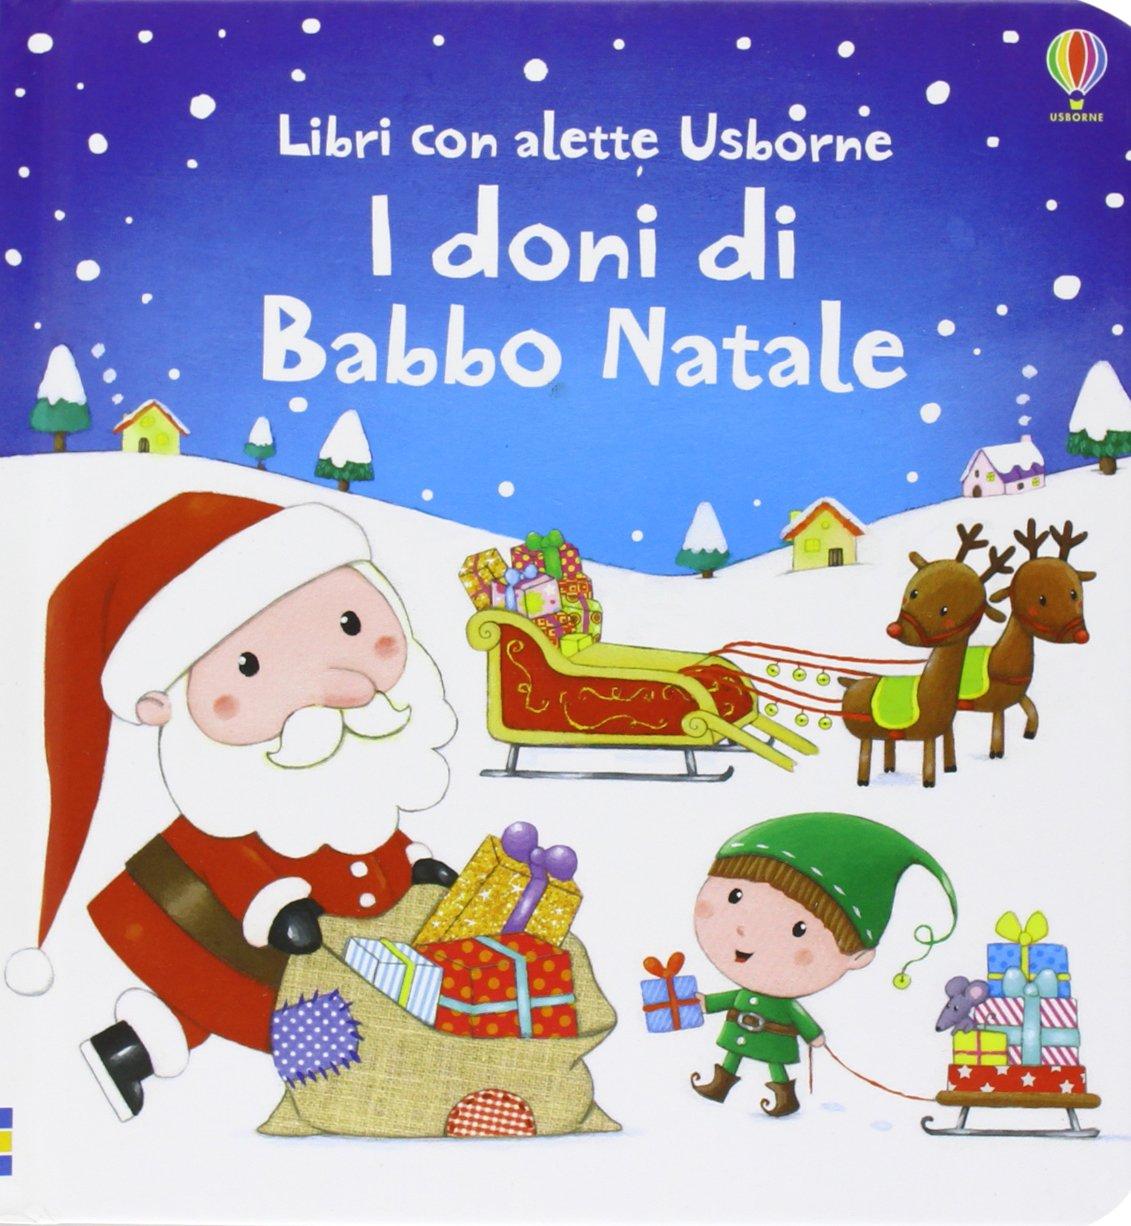 Descrizione Di Babbo Natale Per Bambini.Descrizione Di Babbo Natale Per Bambini Santantonioposta